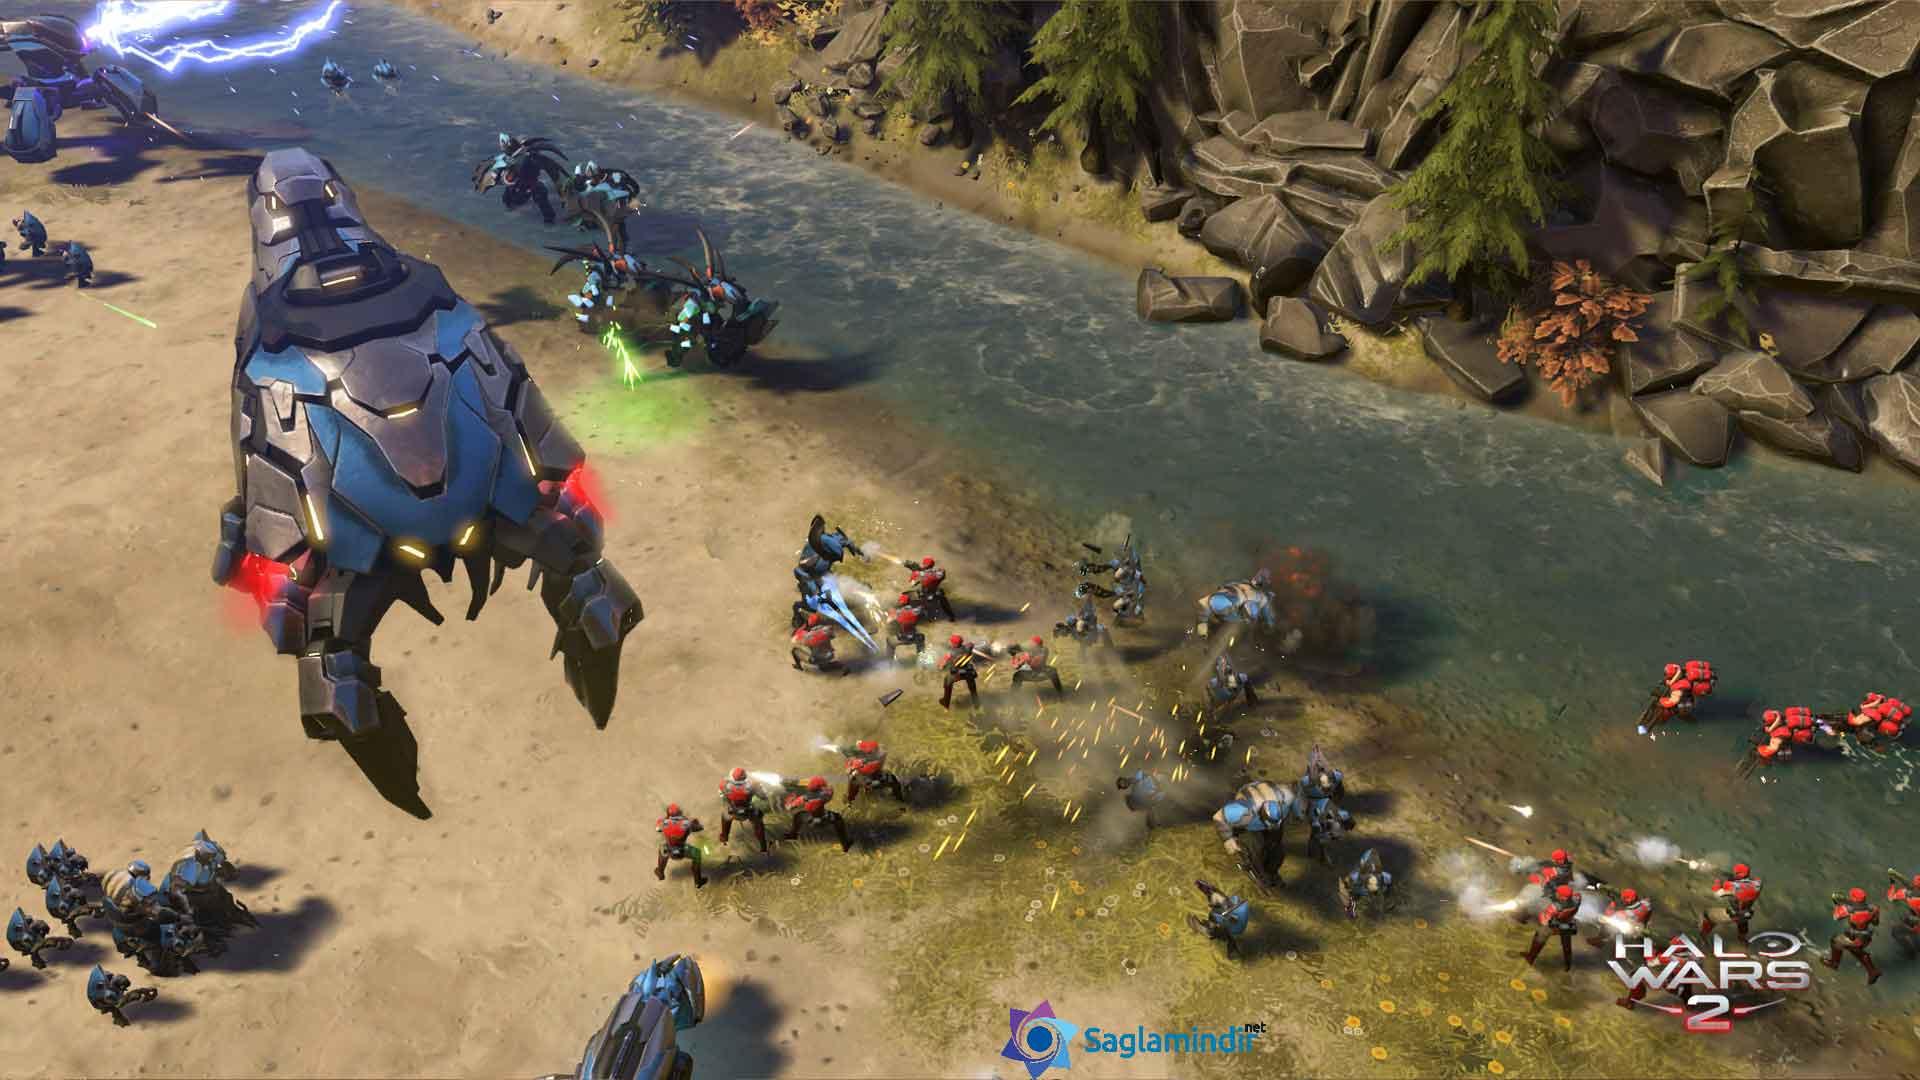 Halo-Wars-2-saglamindir